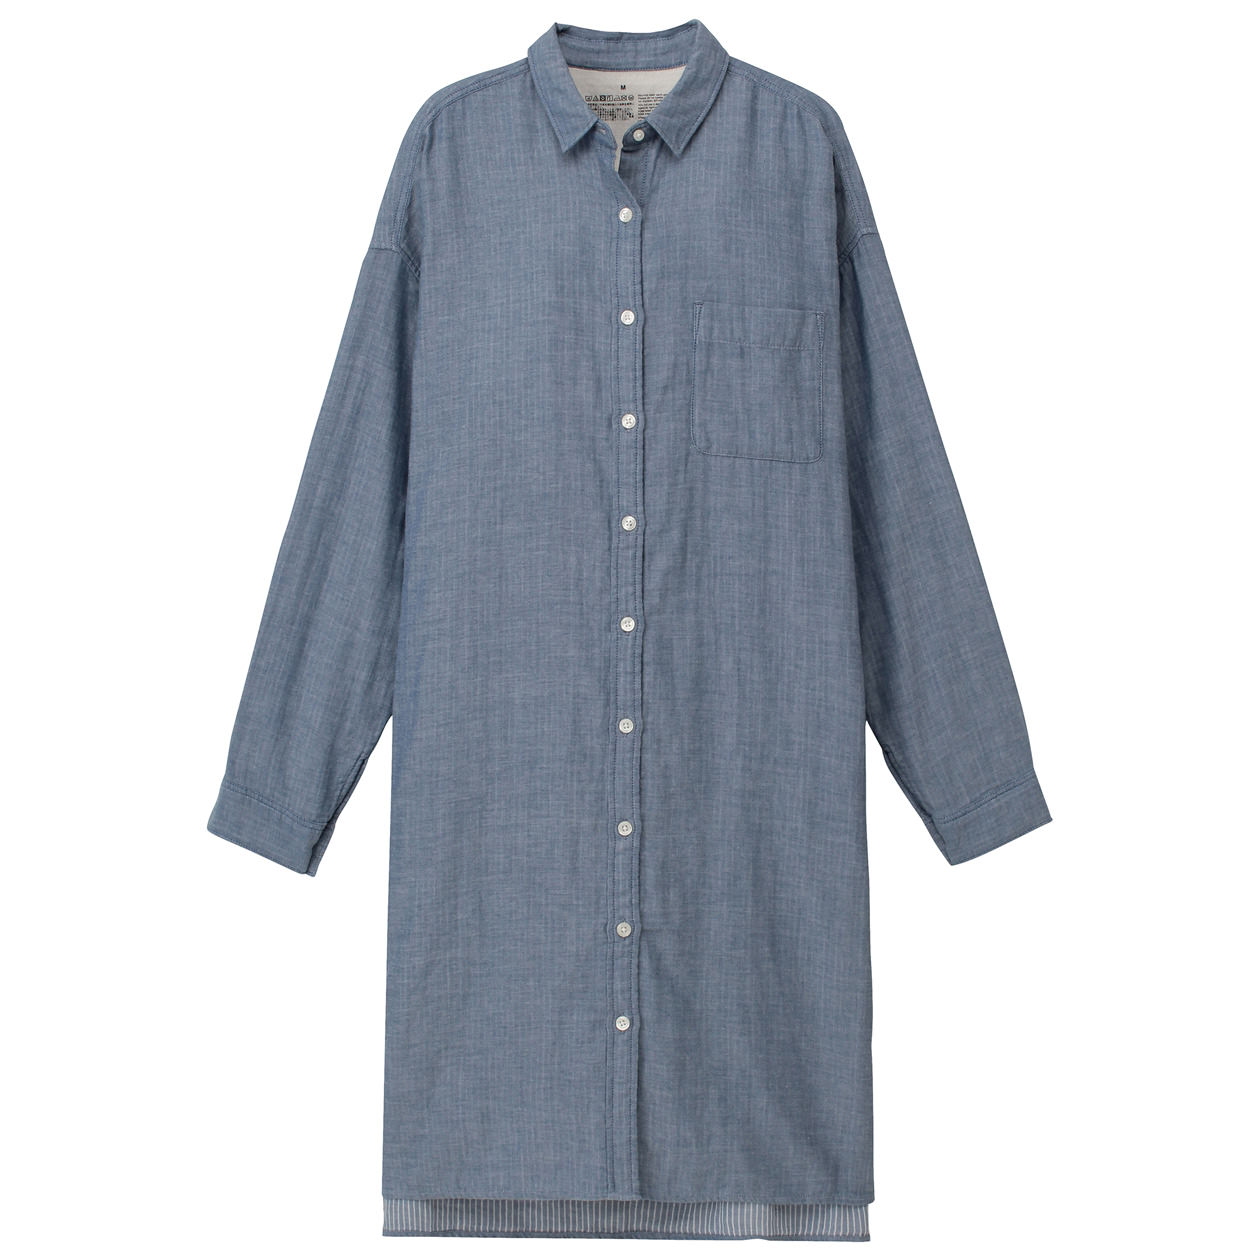 4549738541875_OGC-DOUBLE-GAUZE-DRESS-BLUE